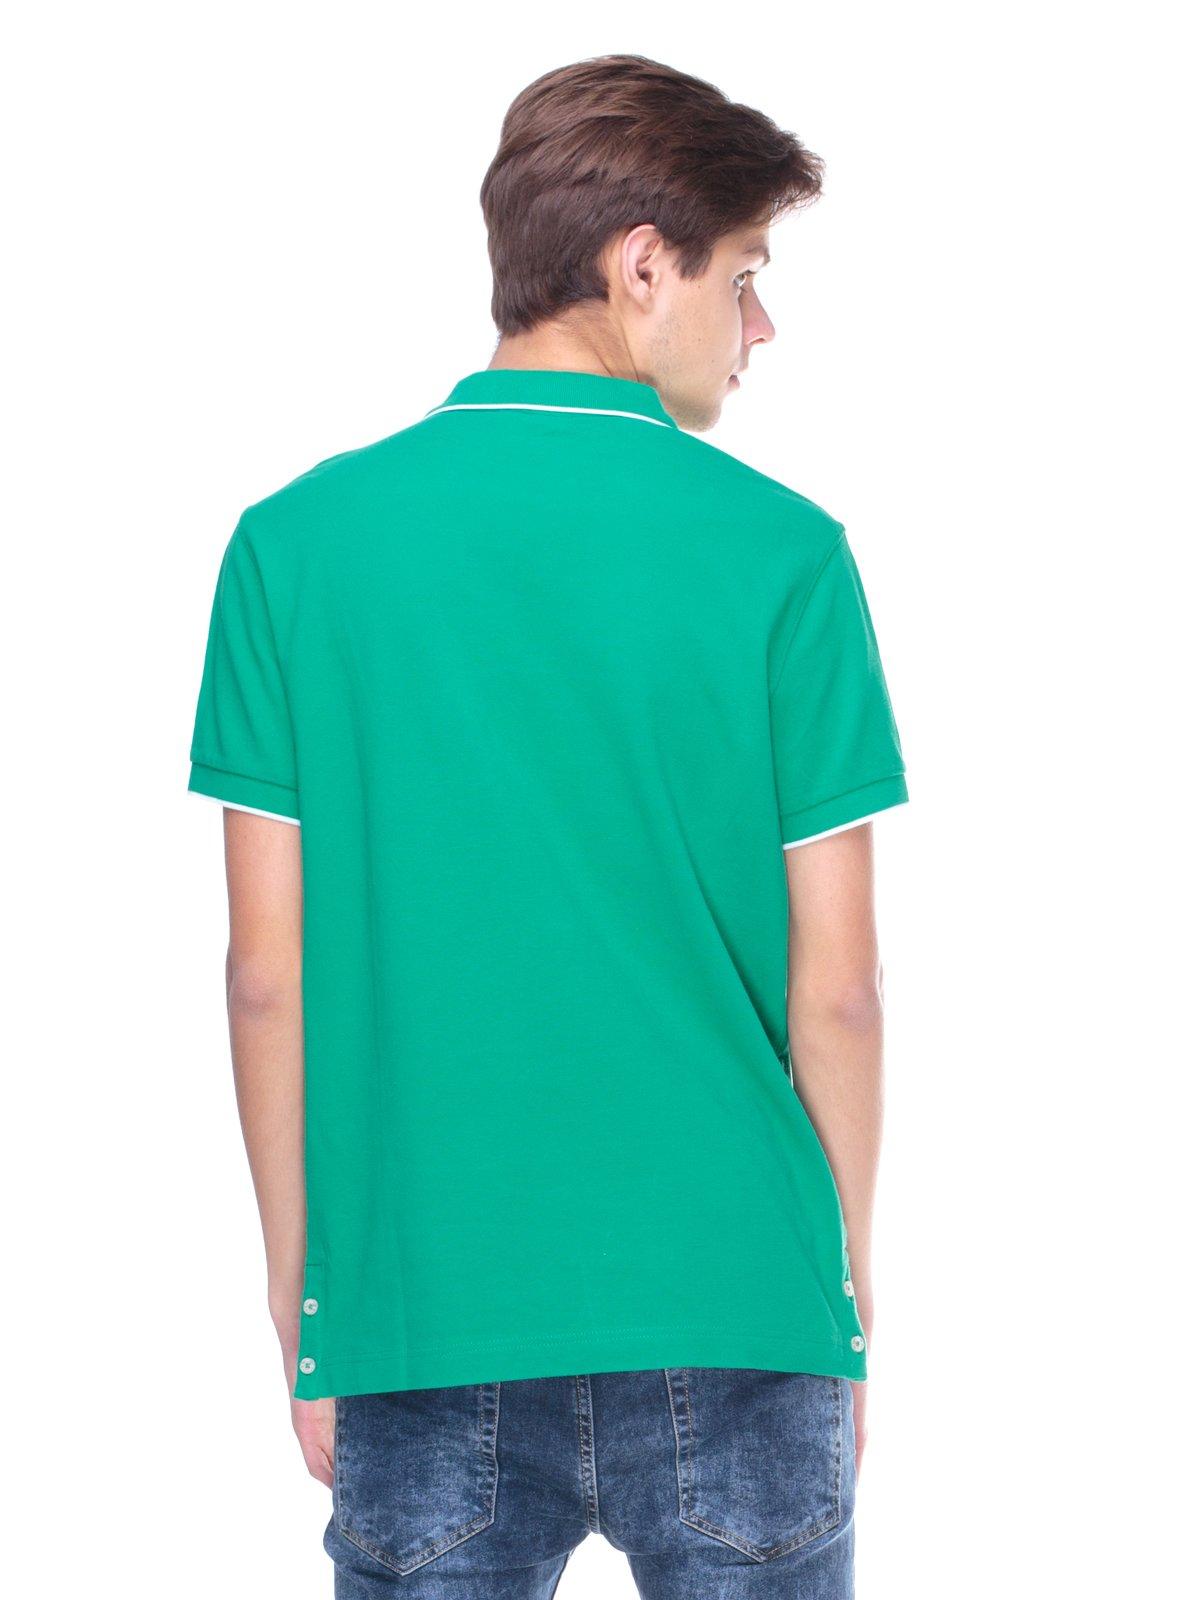 Футболка-поло зелена | 2146987 | фото 2